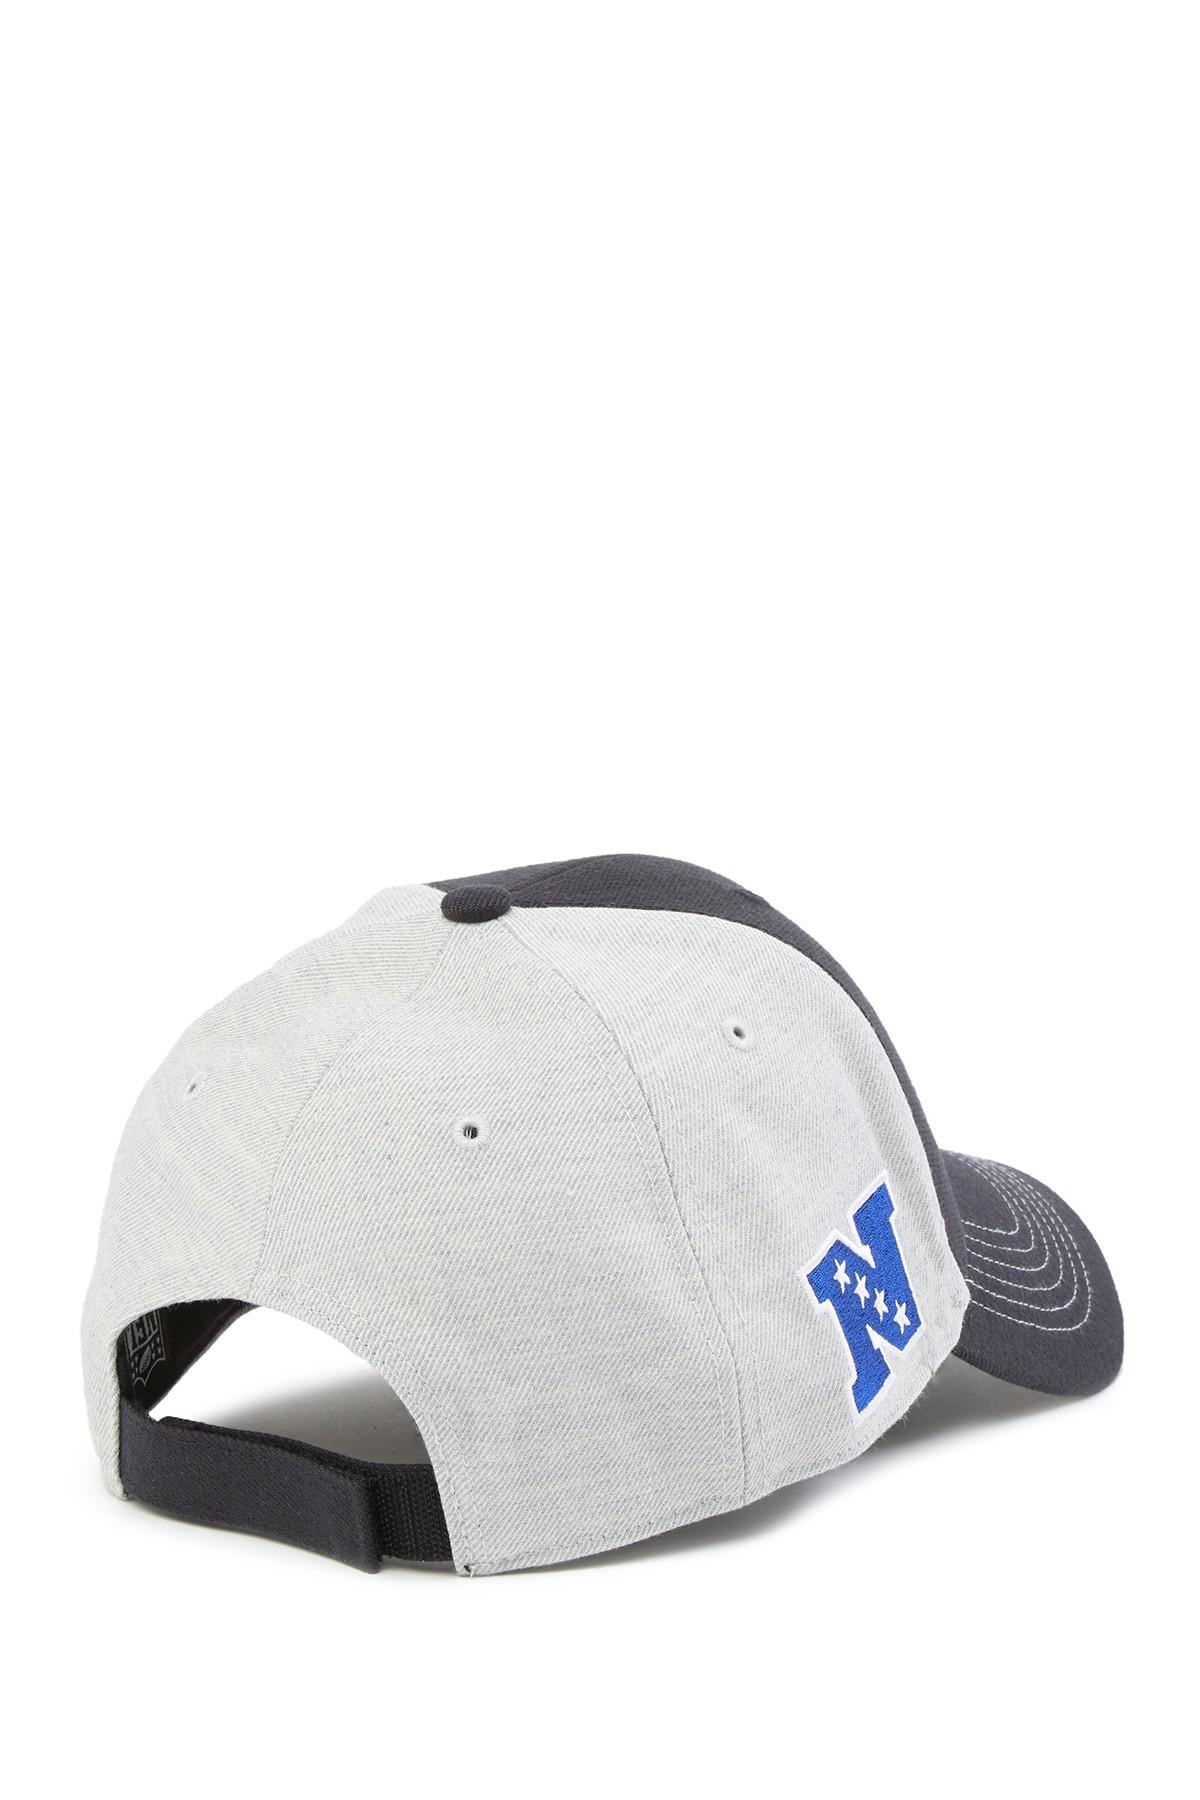 427a47f706964 Lyst - 47 Brand Nfl La Rams Joust 47 Mvp Cap in Gray for Men